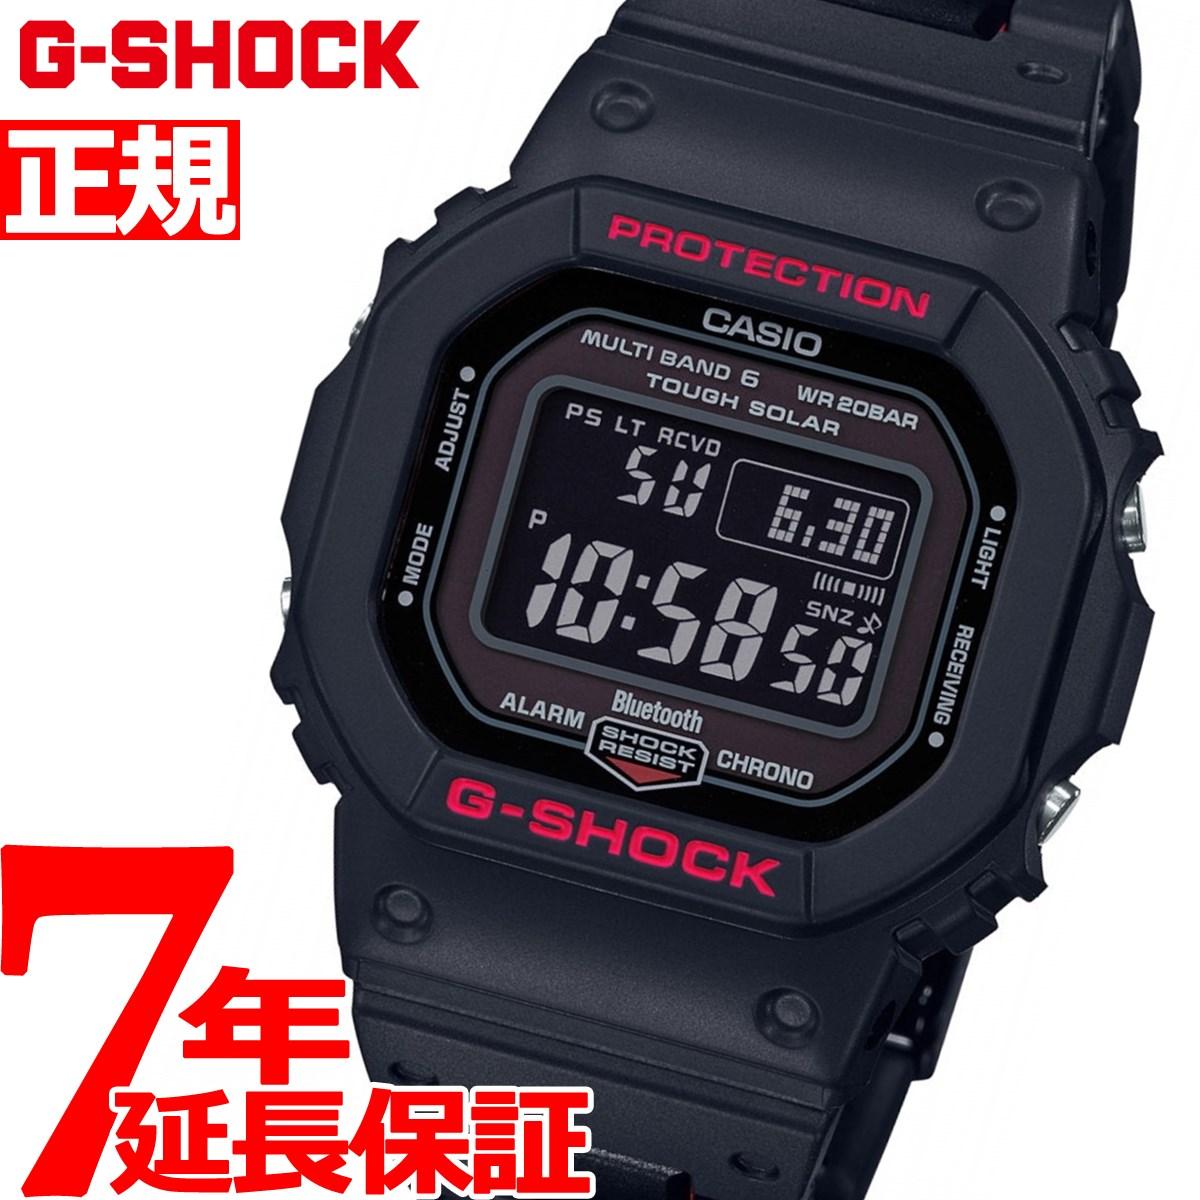 ニールならポイント最大35倍!30日23時59分まで!G-SHOCK デジタル 5600 カシオ Gショック CASIO 腕時計 メンズ GW-B5600HR-1JF【2019 新作】